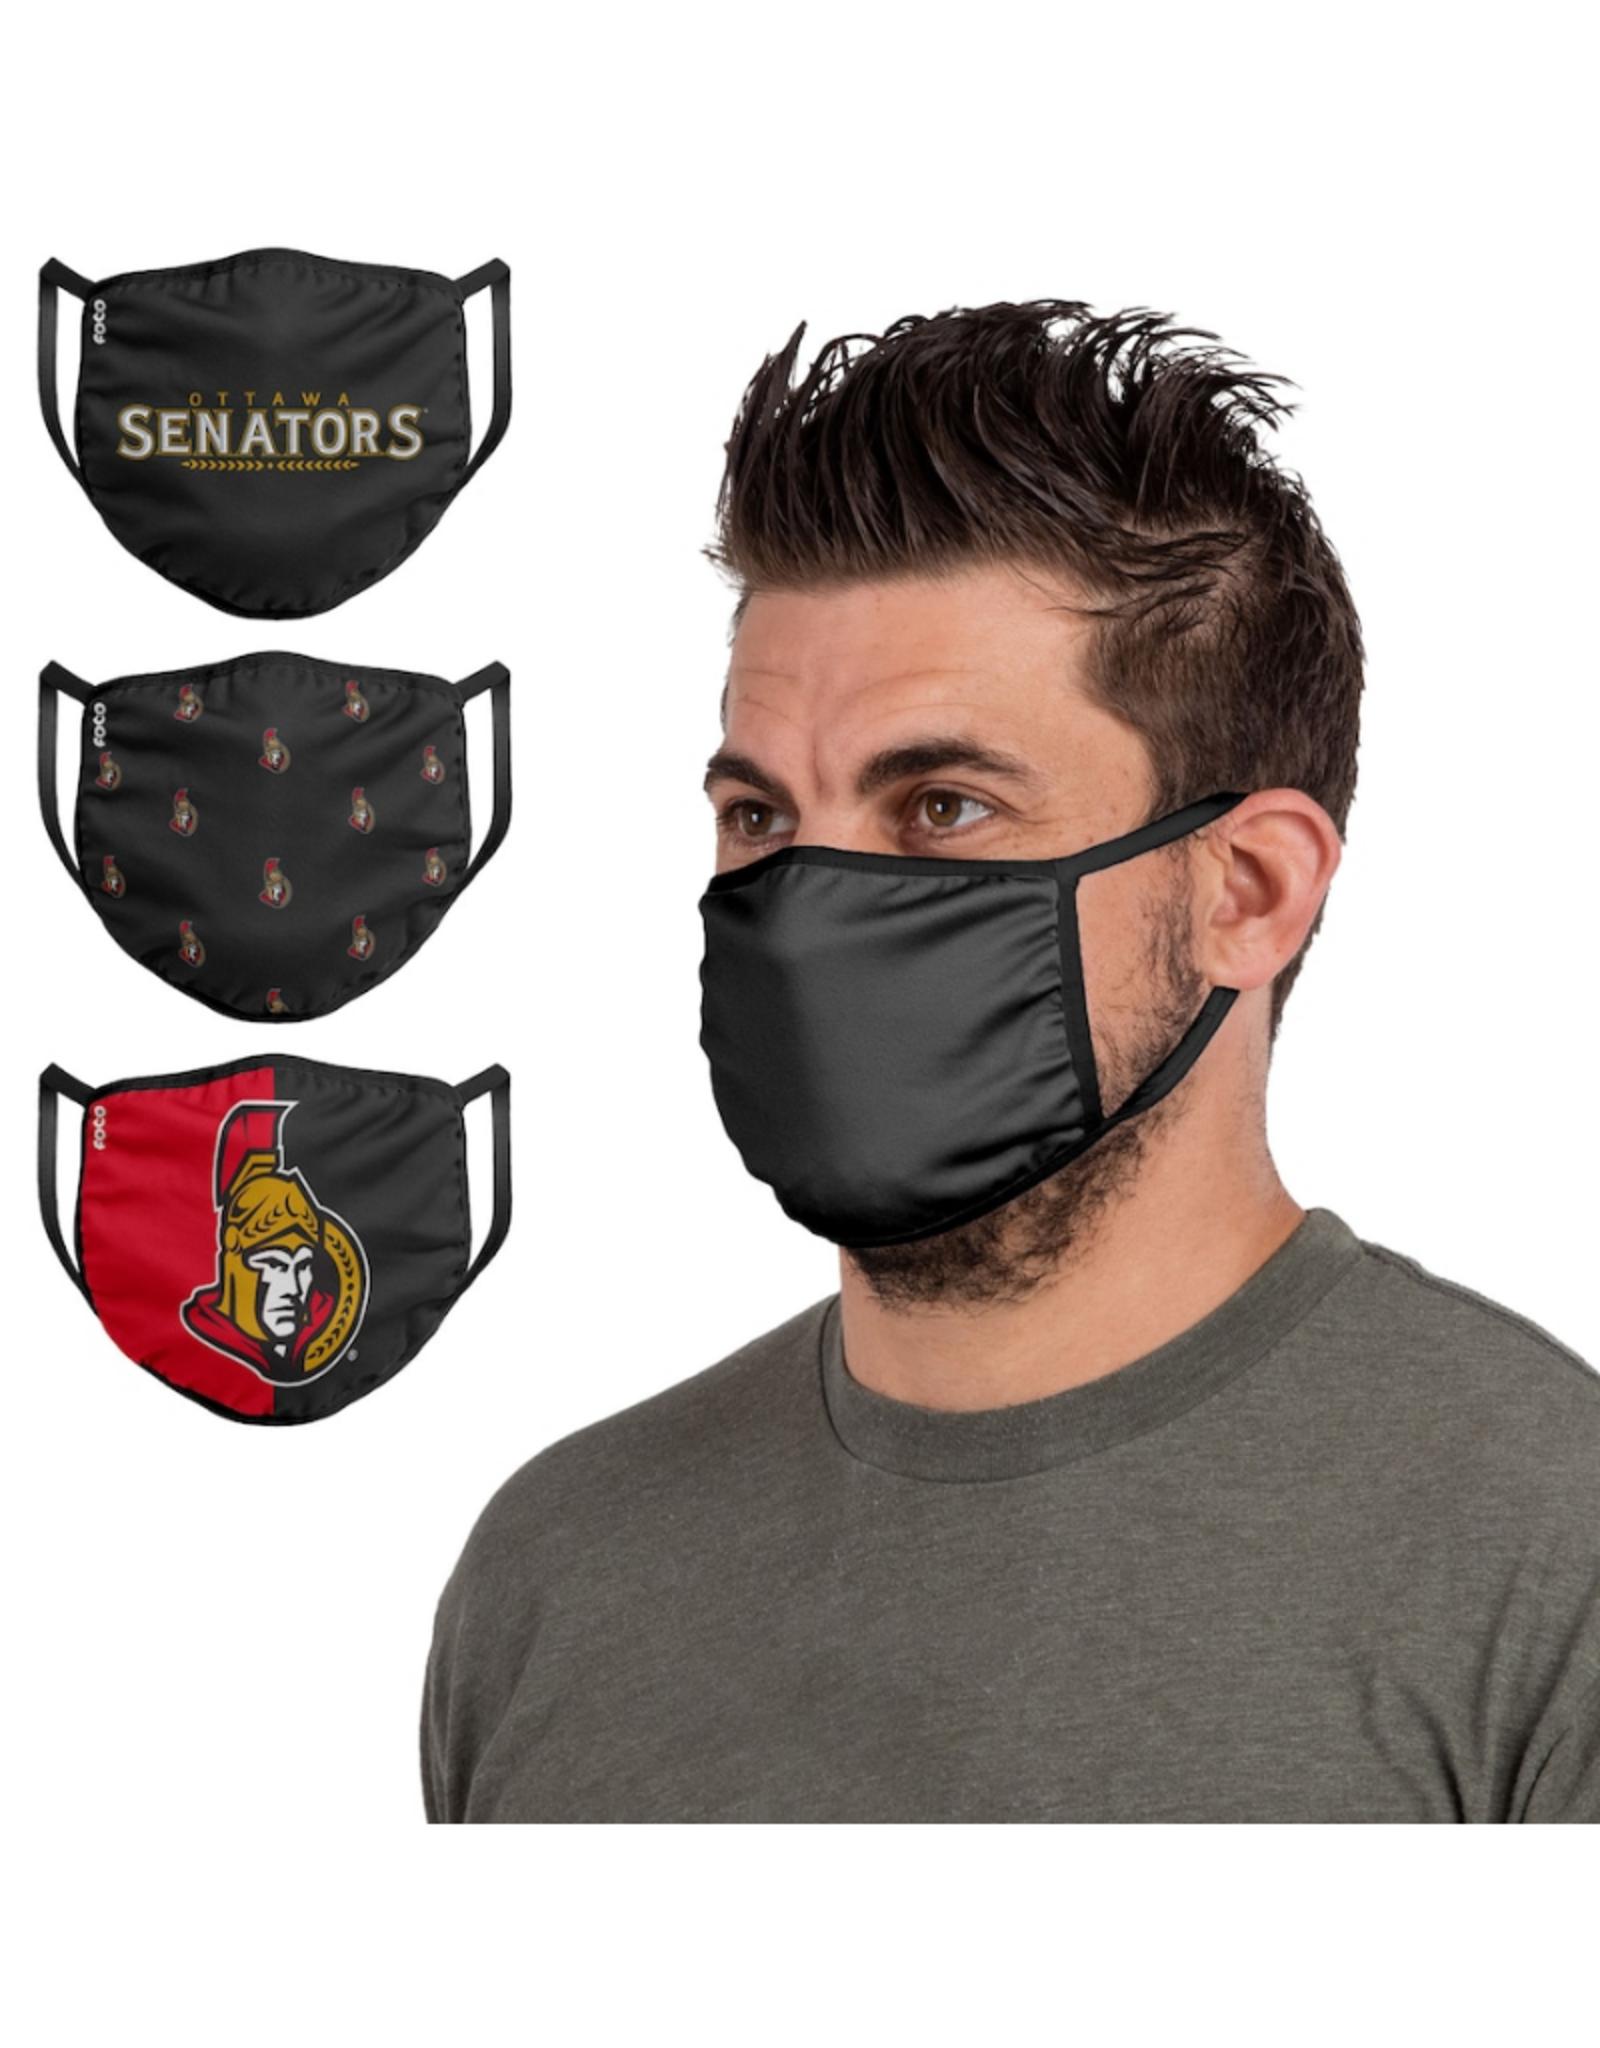 FOCO FOCO Adult Face Cover 3 Pack Ottawa Senators